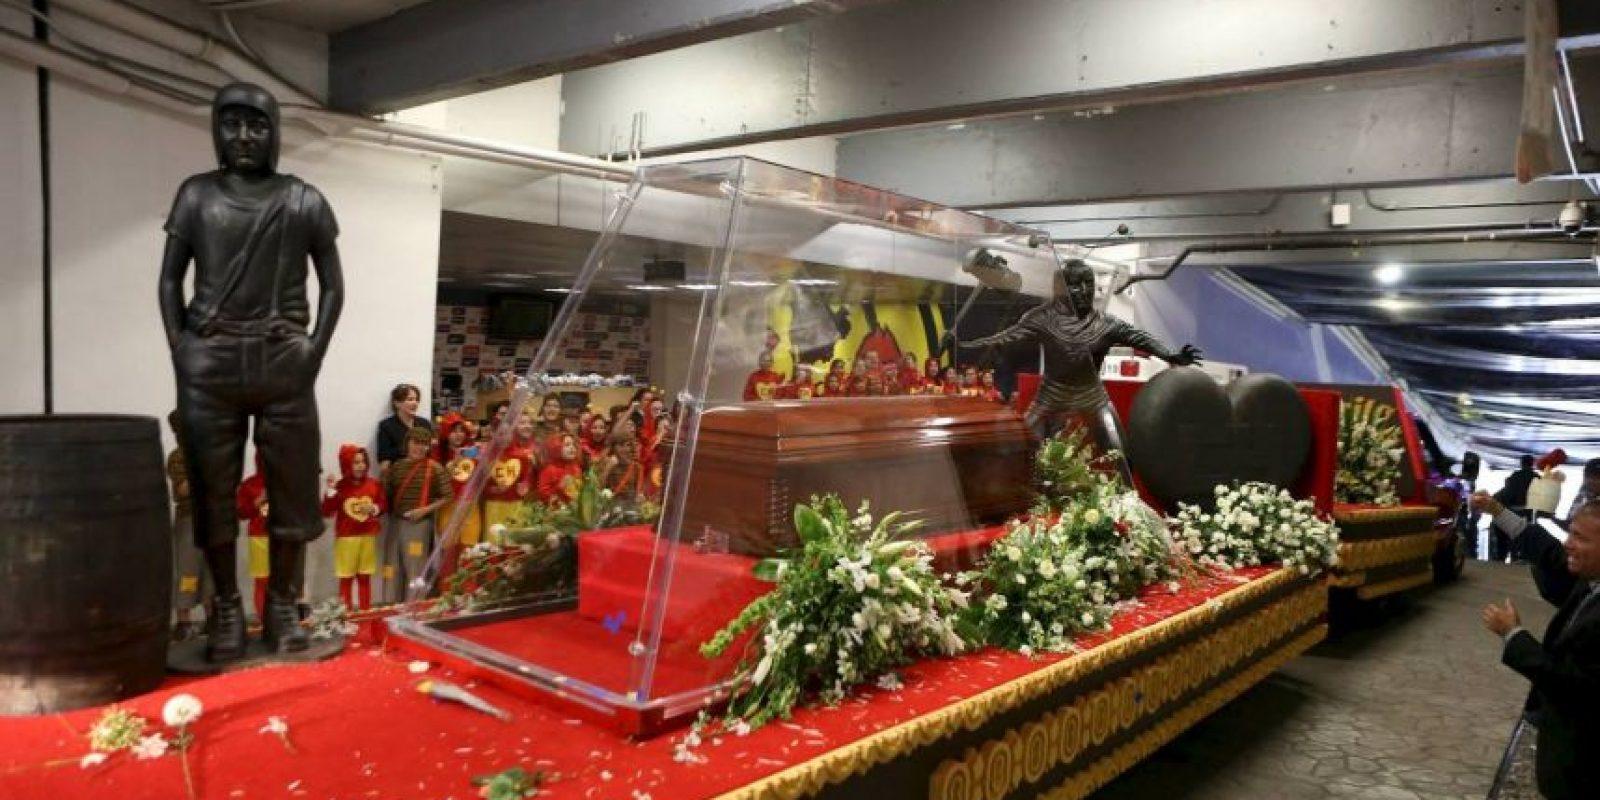 """En la carroza también viajaban dos estatuas de los personajes: """"El chavo del ocho"""" y """"El Chapulín colorado"""" Foto:Pedro Álvarez – Facebook.com/EstadioAztecaOficial"""